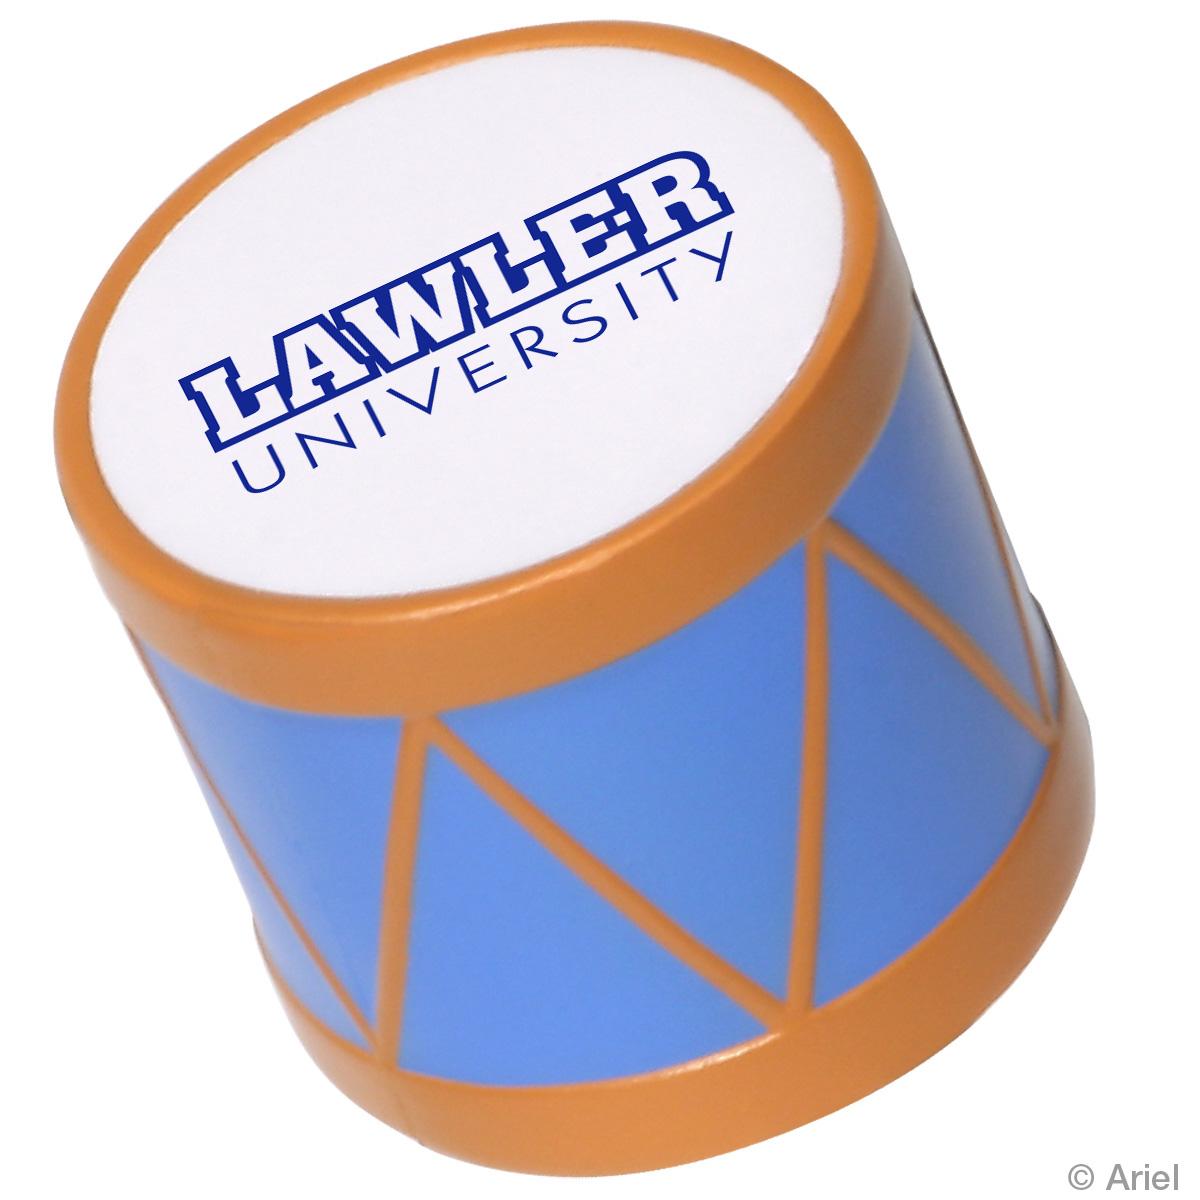 Drum Stress Reliever, LMU-DR08 - 1 Colour Imprint